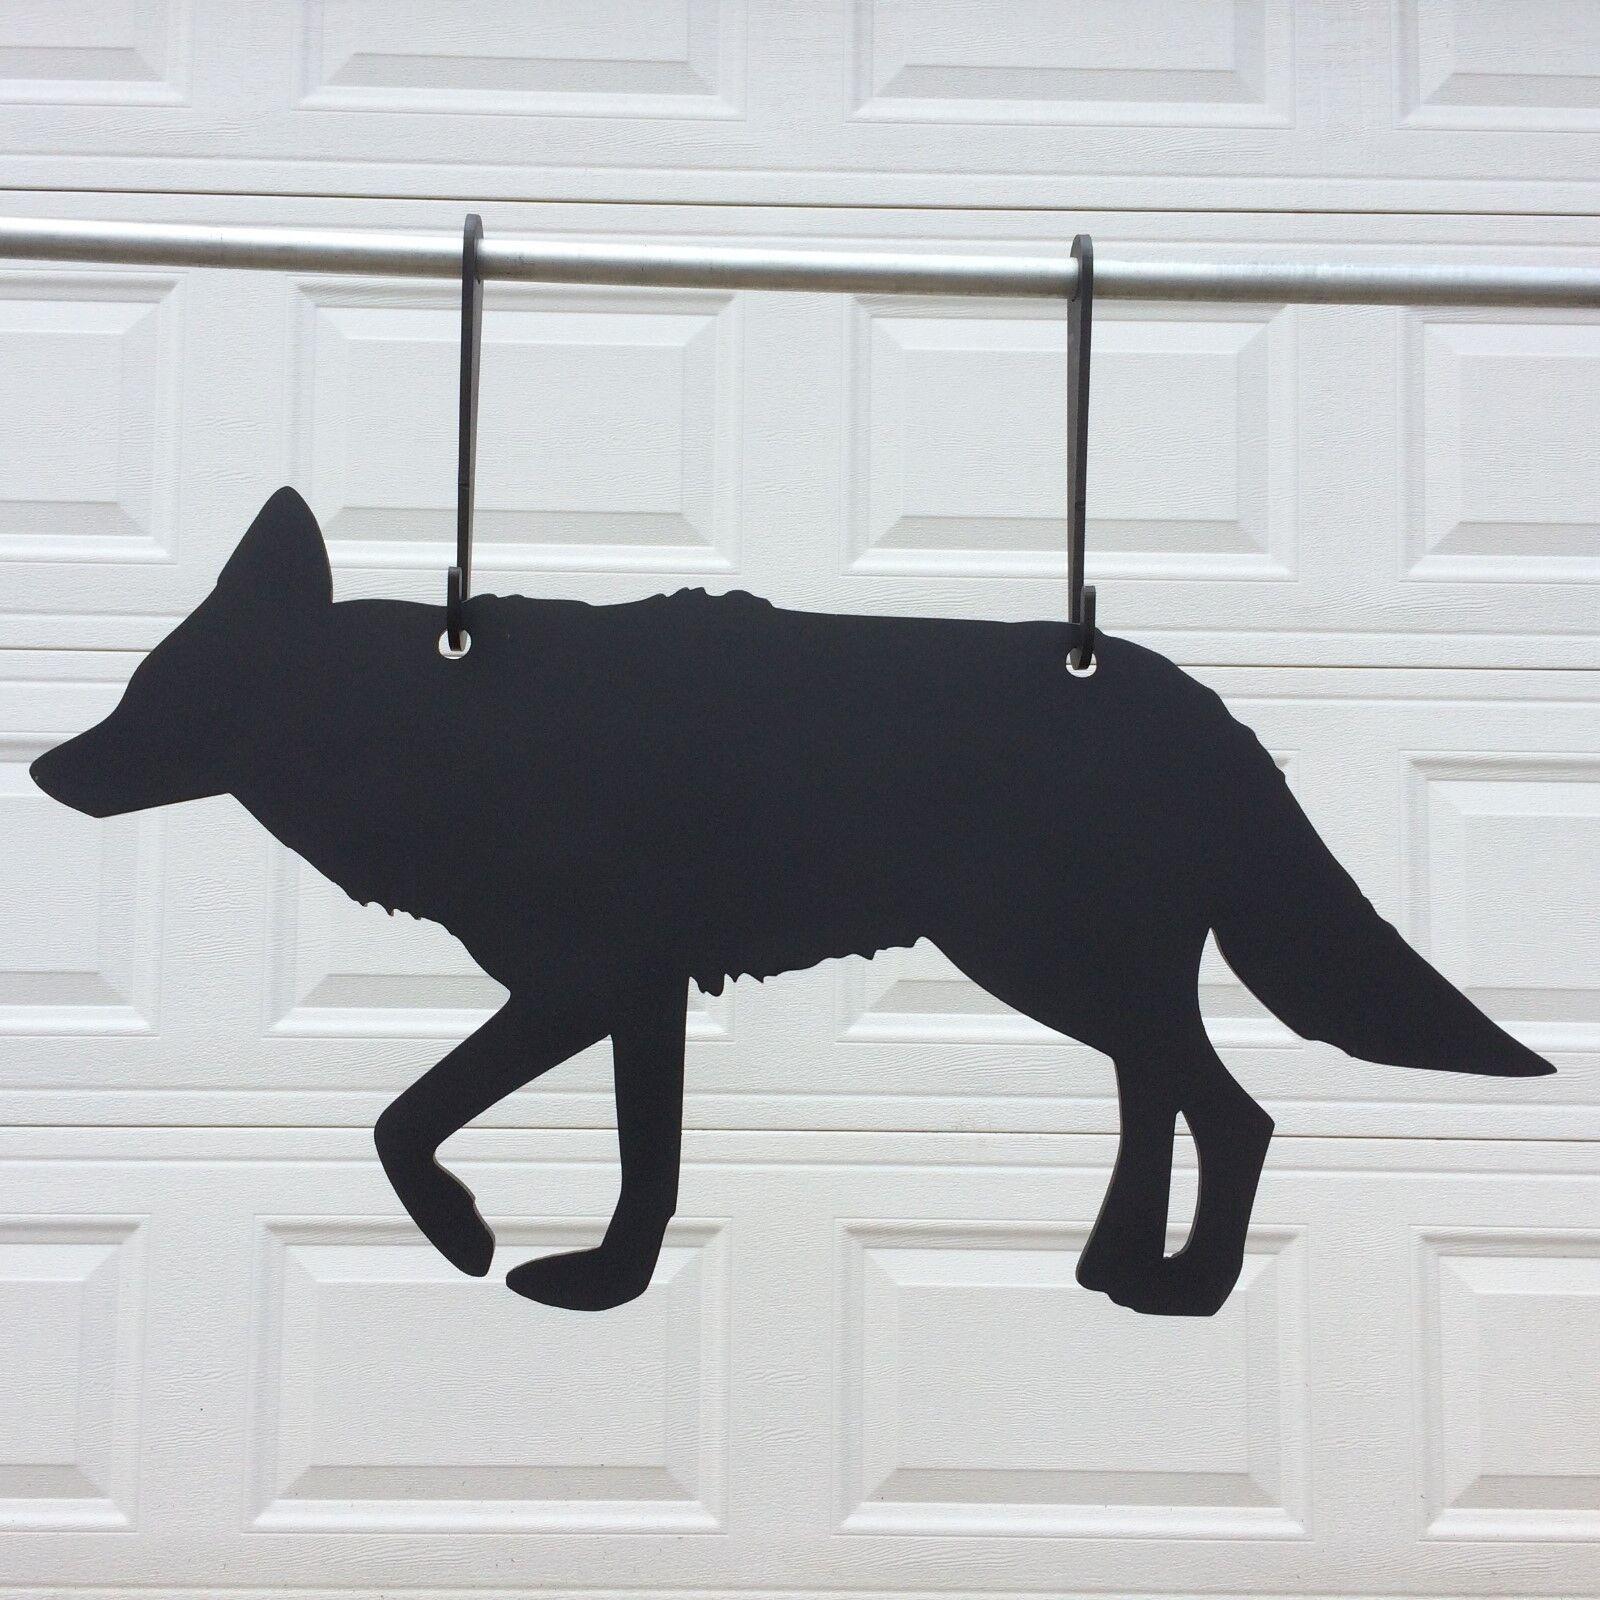 Gong de destino de acero AR500 Coyote 3 8  de espesor